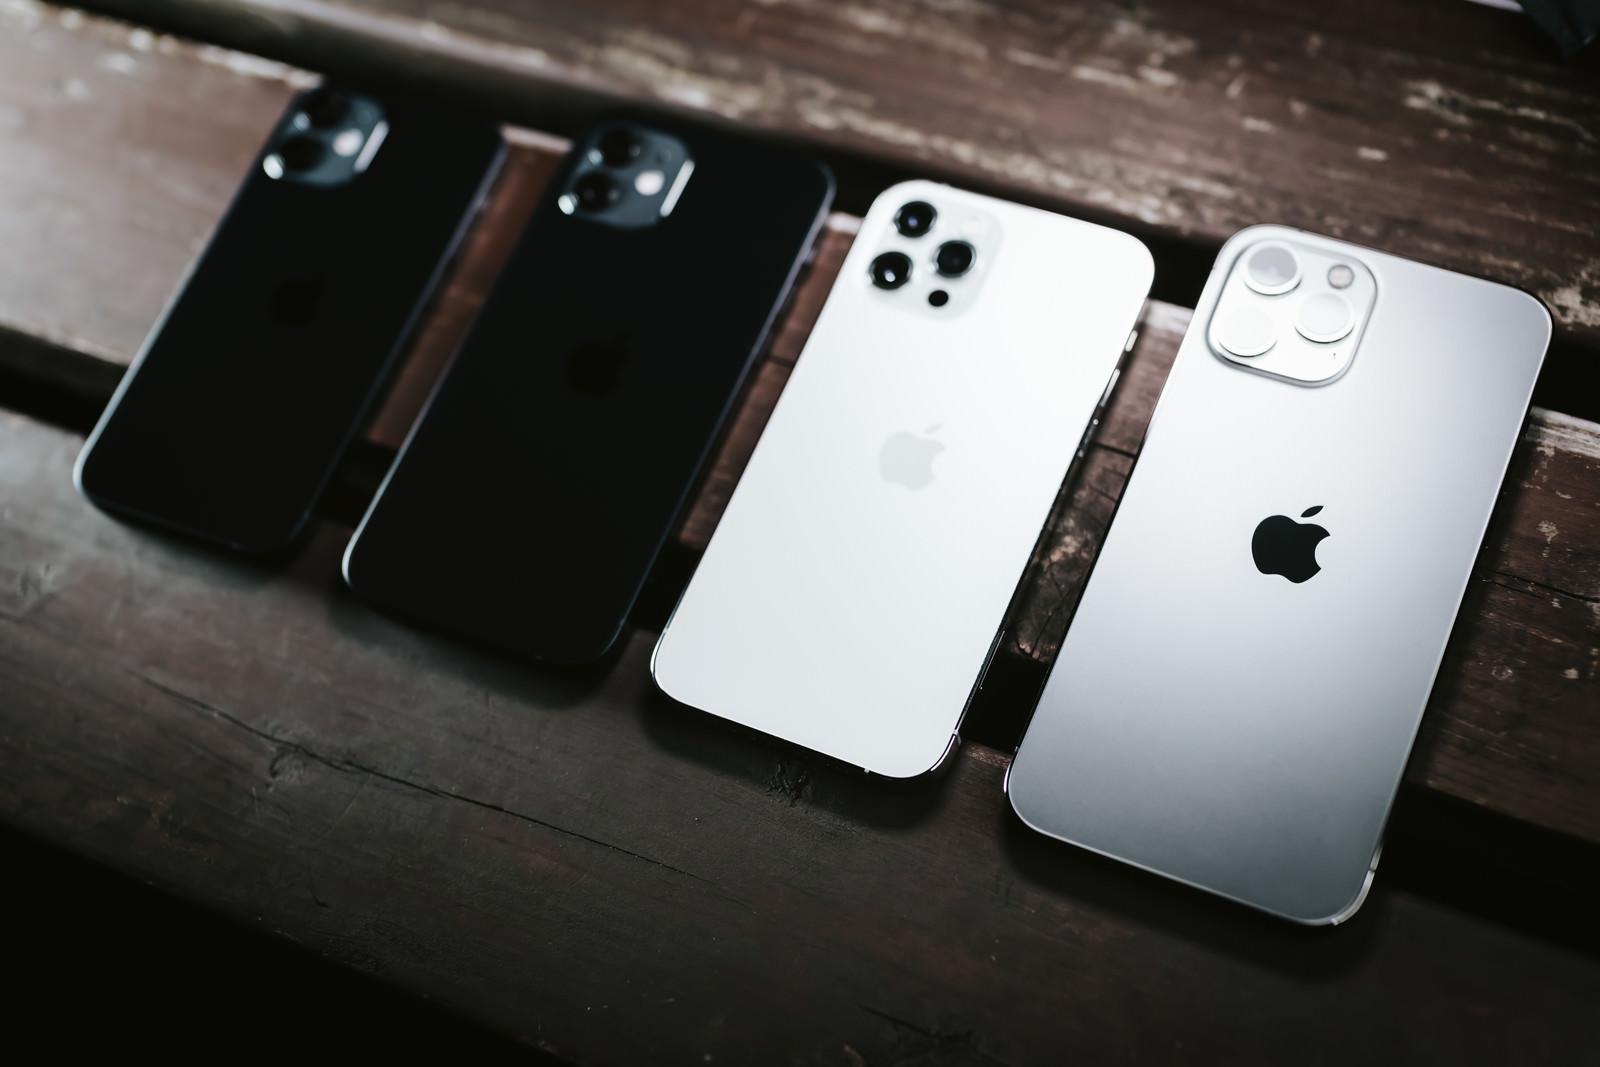 「浮かび上がるの iPhone 12 Pro Max の Apple ロゴマーク」の写真